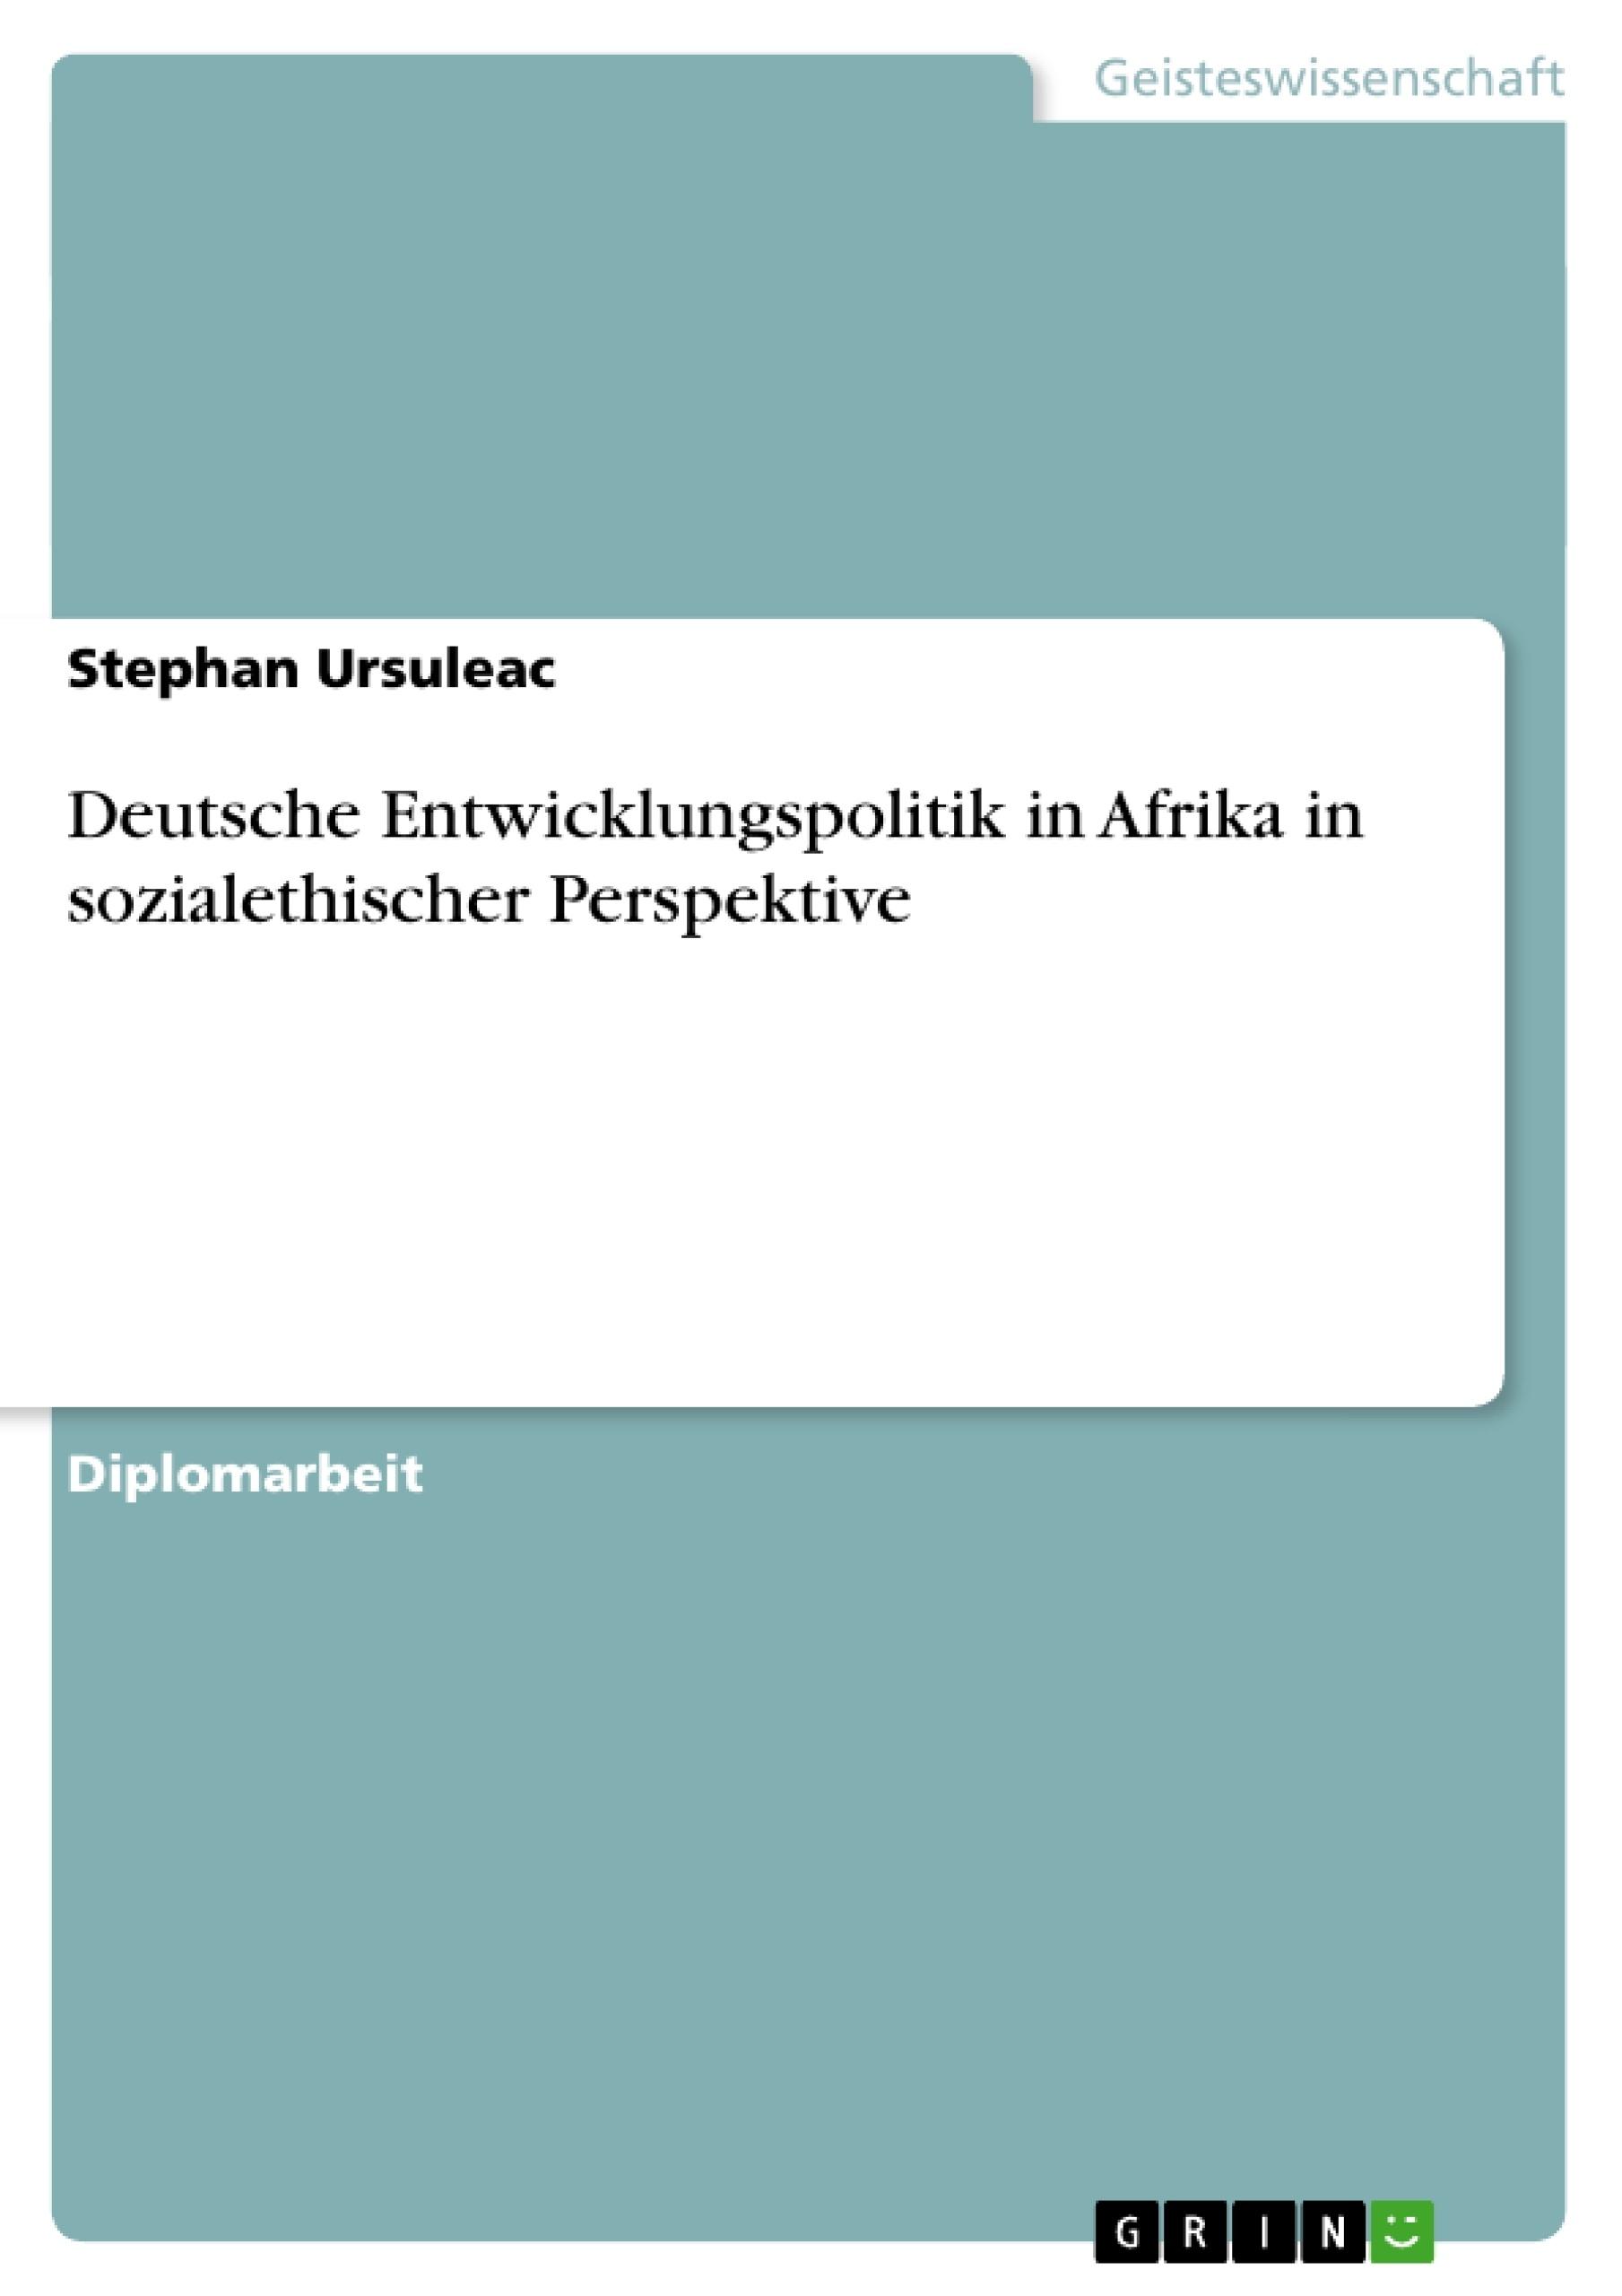 Titel: Deutsche Entwicklungspolitik in Afrika in sozialethischer Perspektive